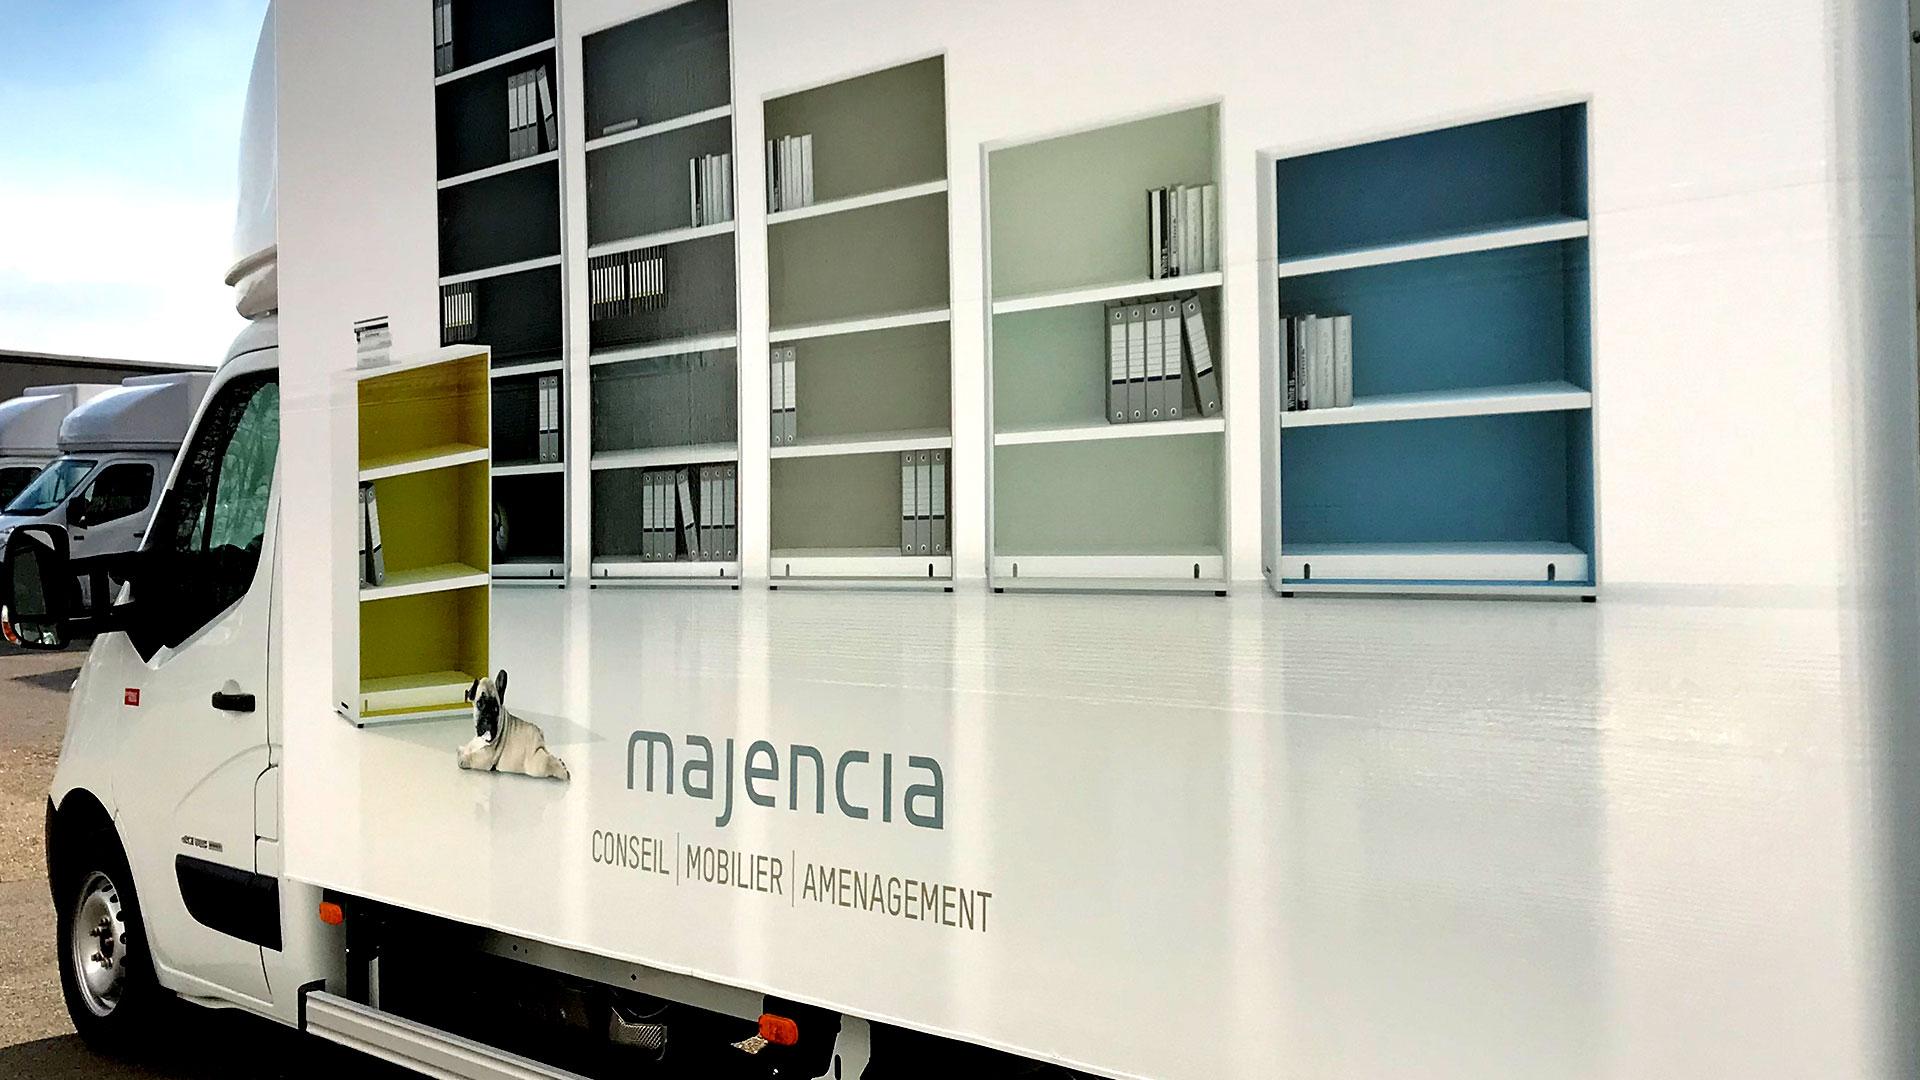 majencia-vehicule-01